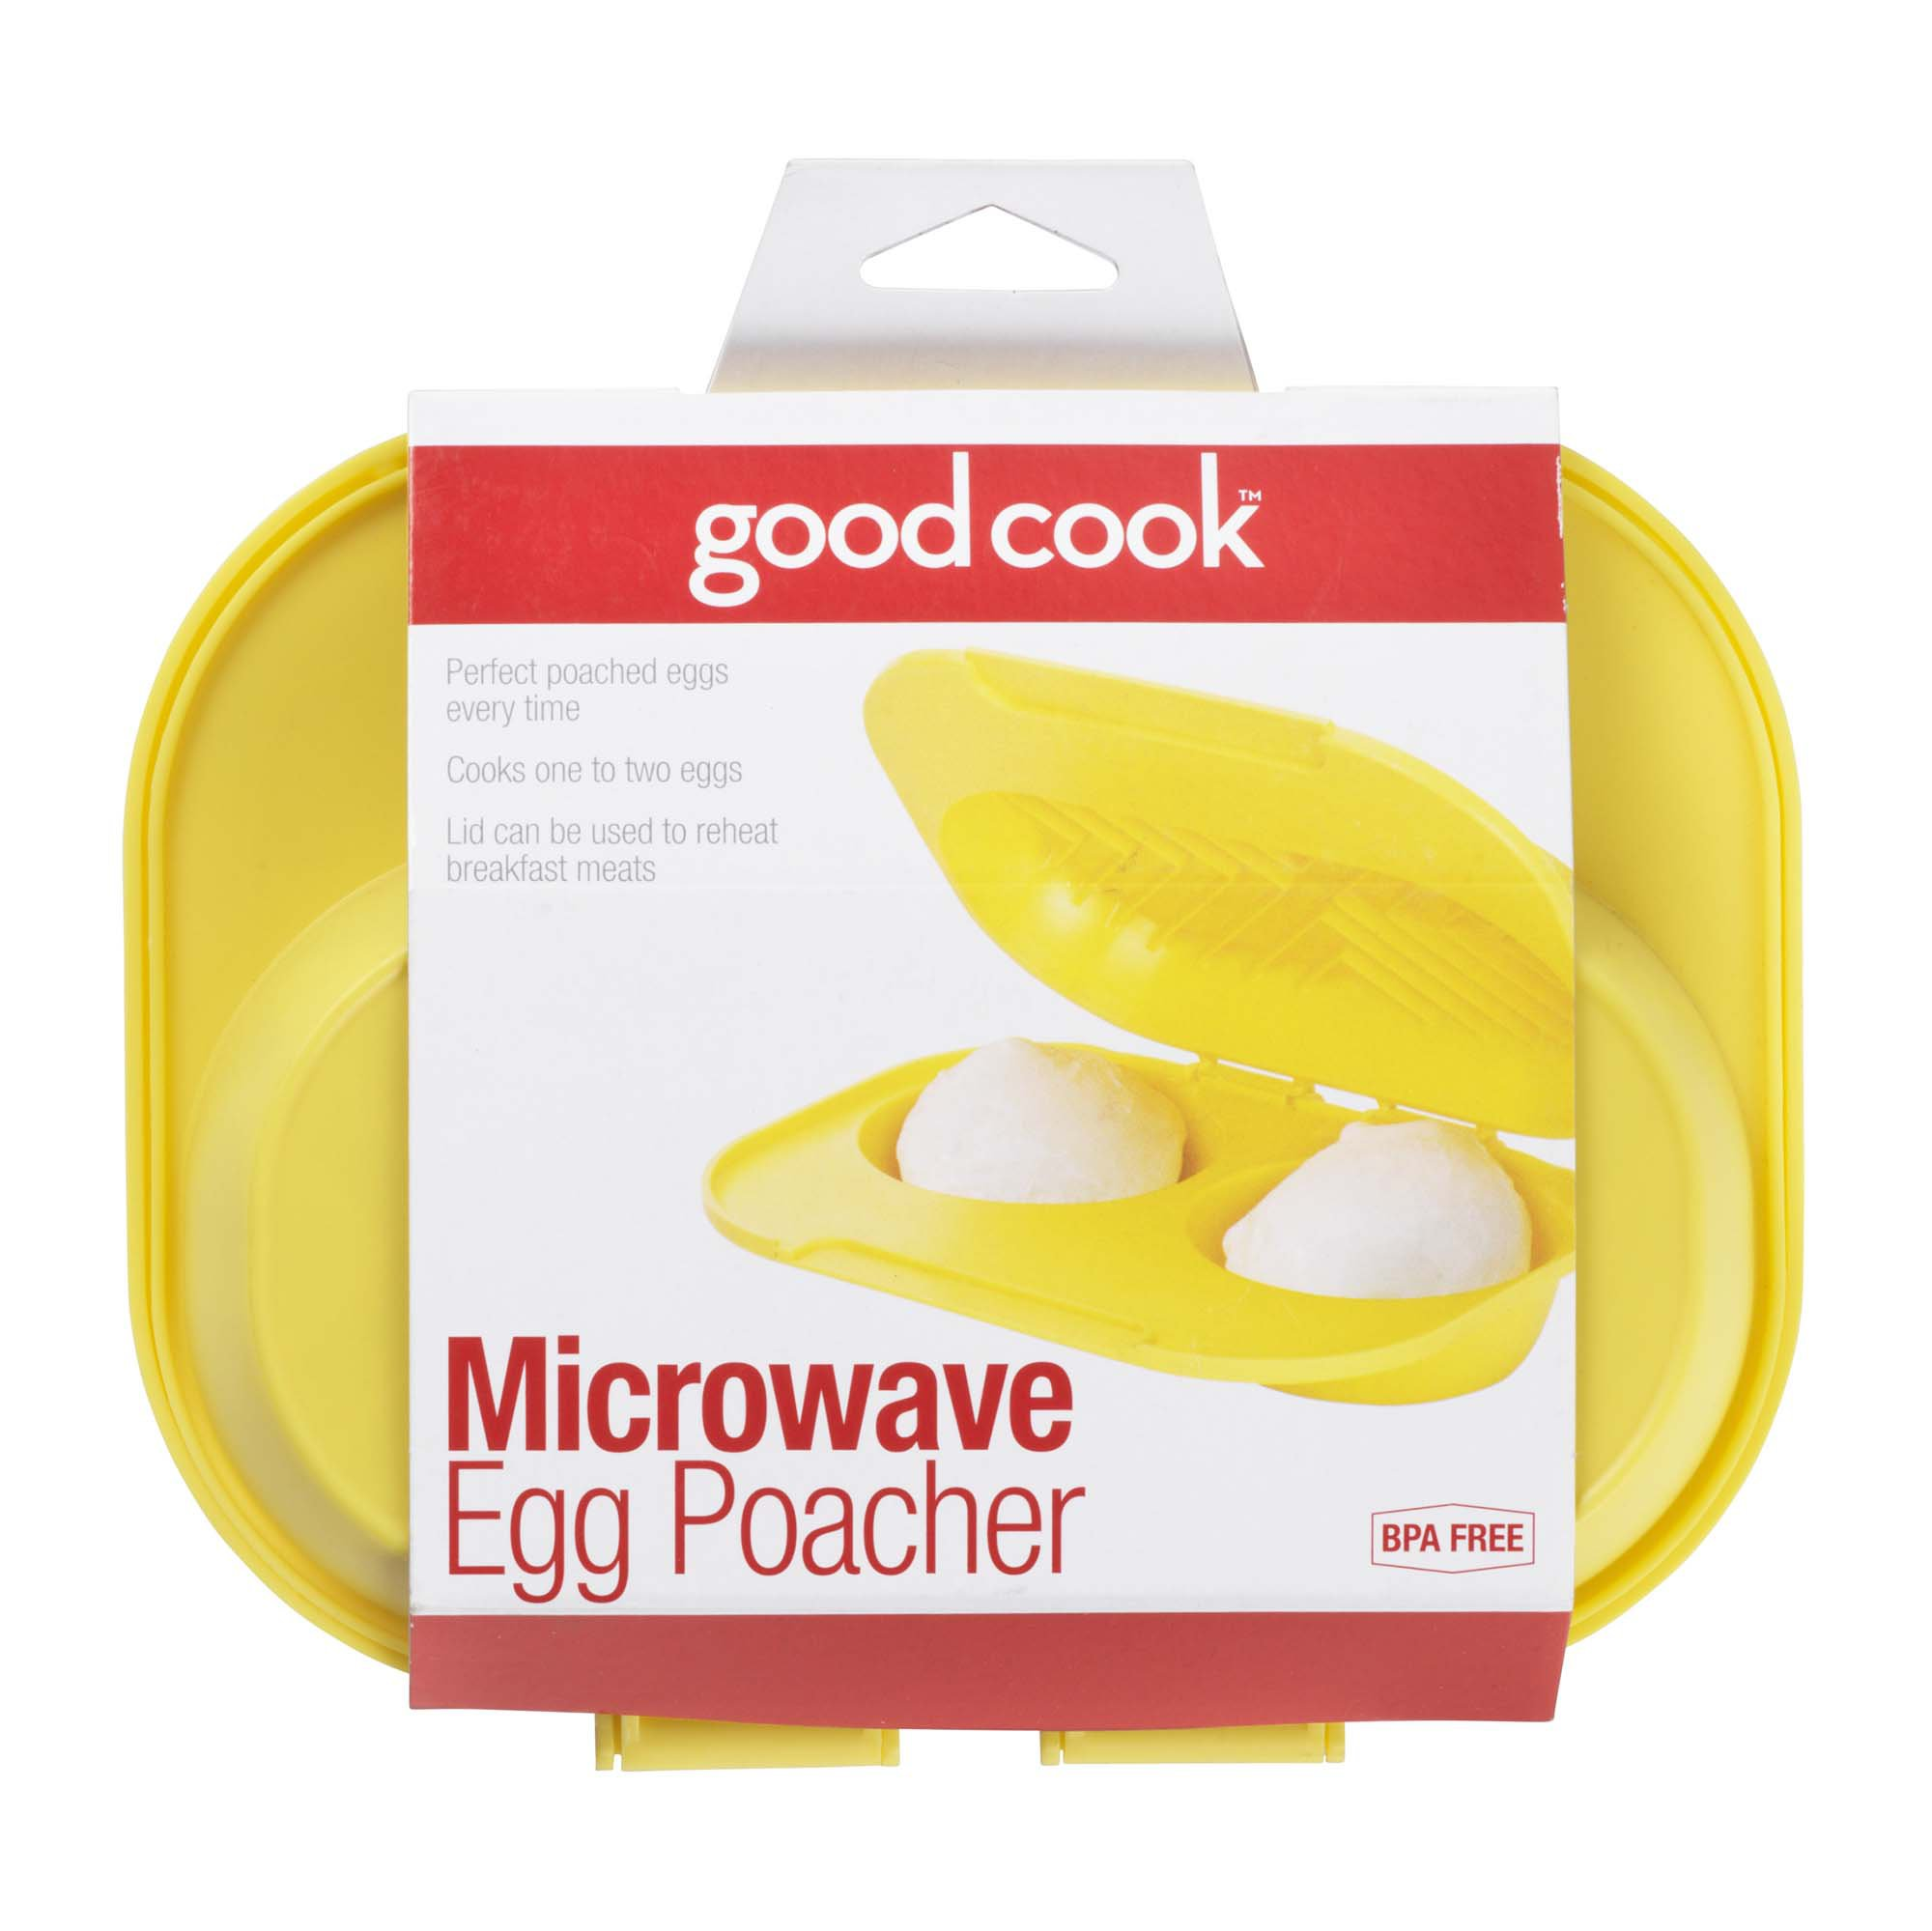 good cook microwave egg poacher